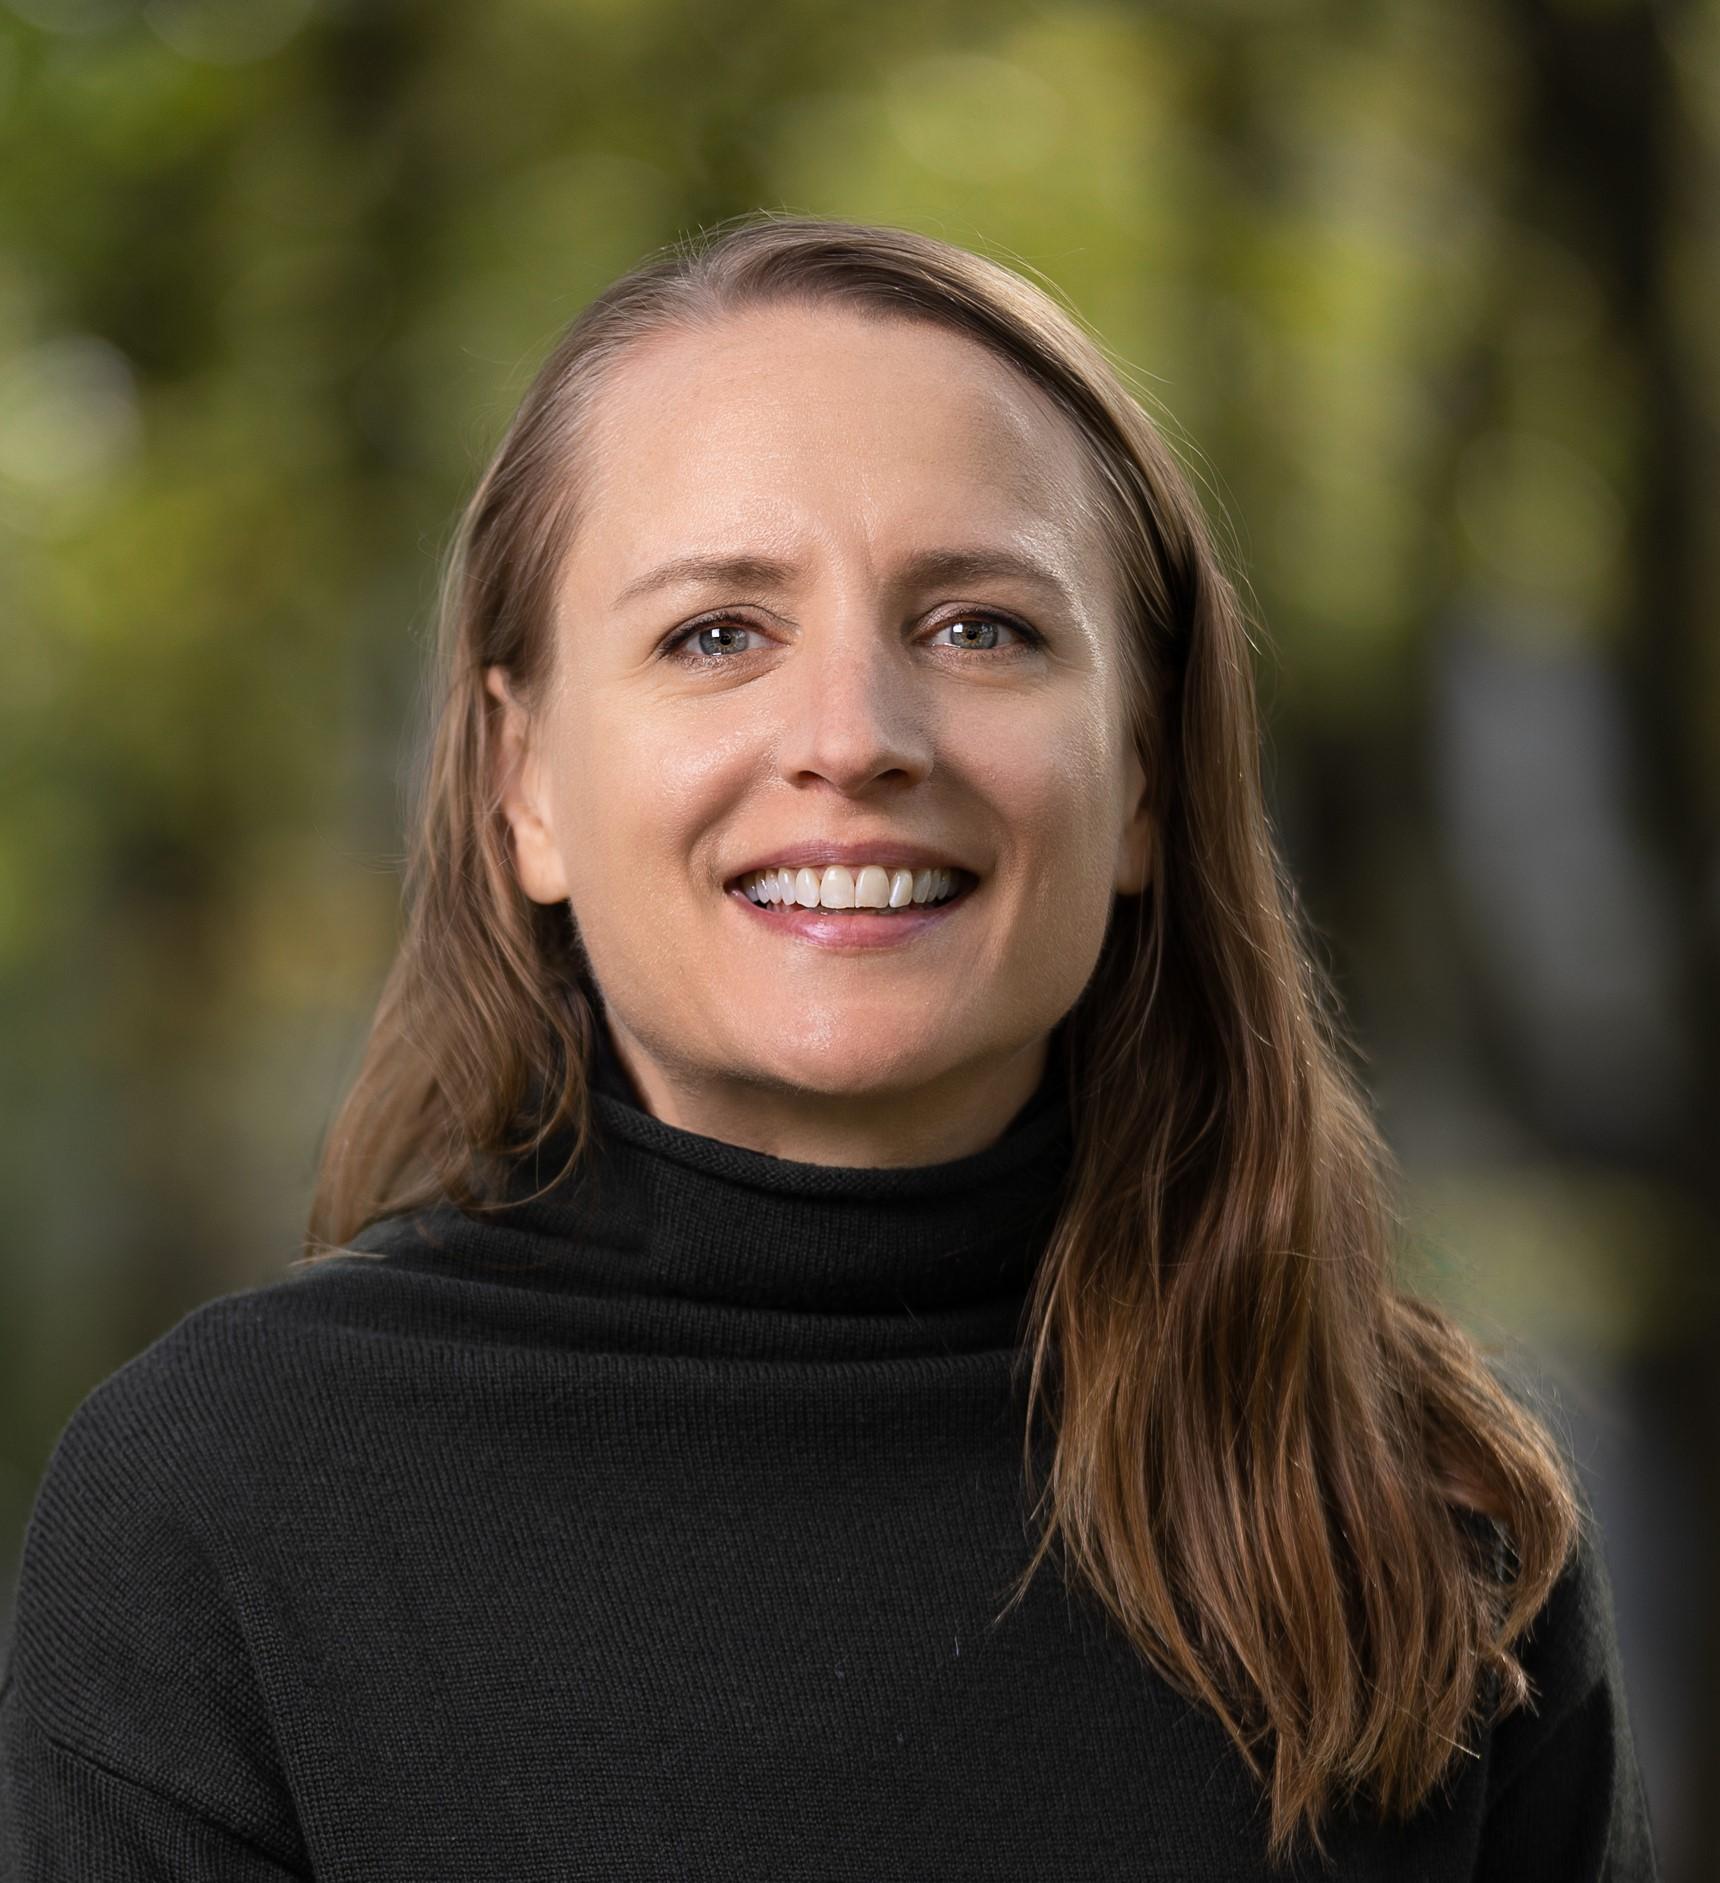 Shannon D. M. Moore